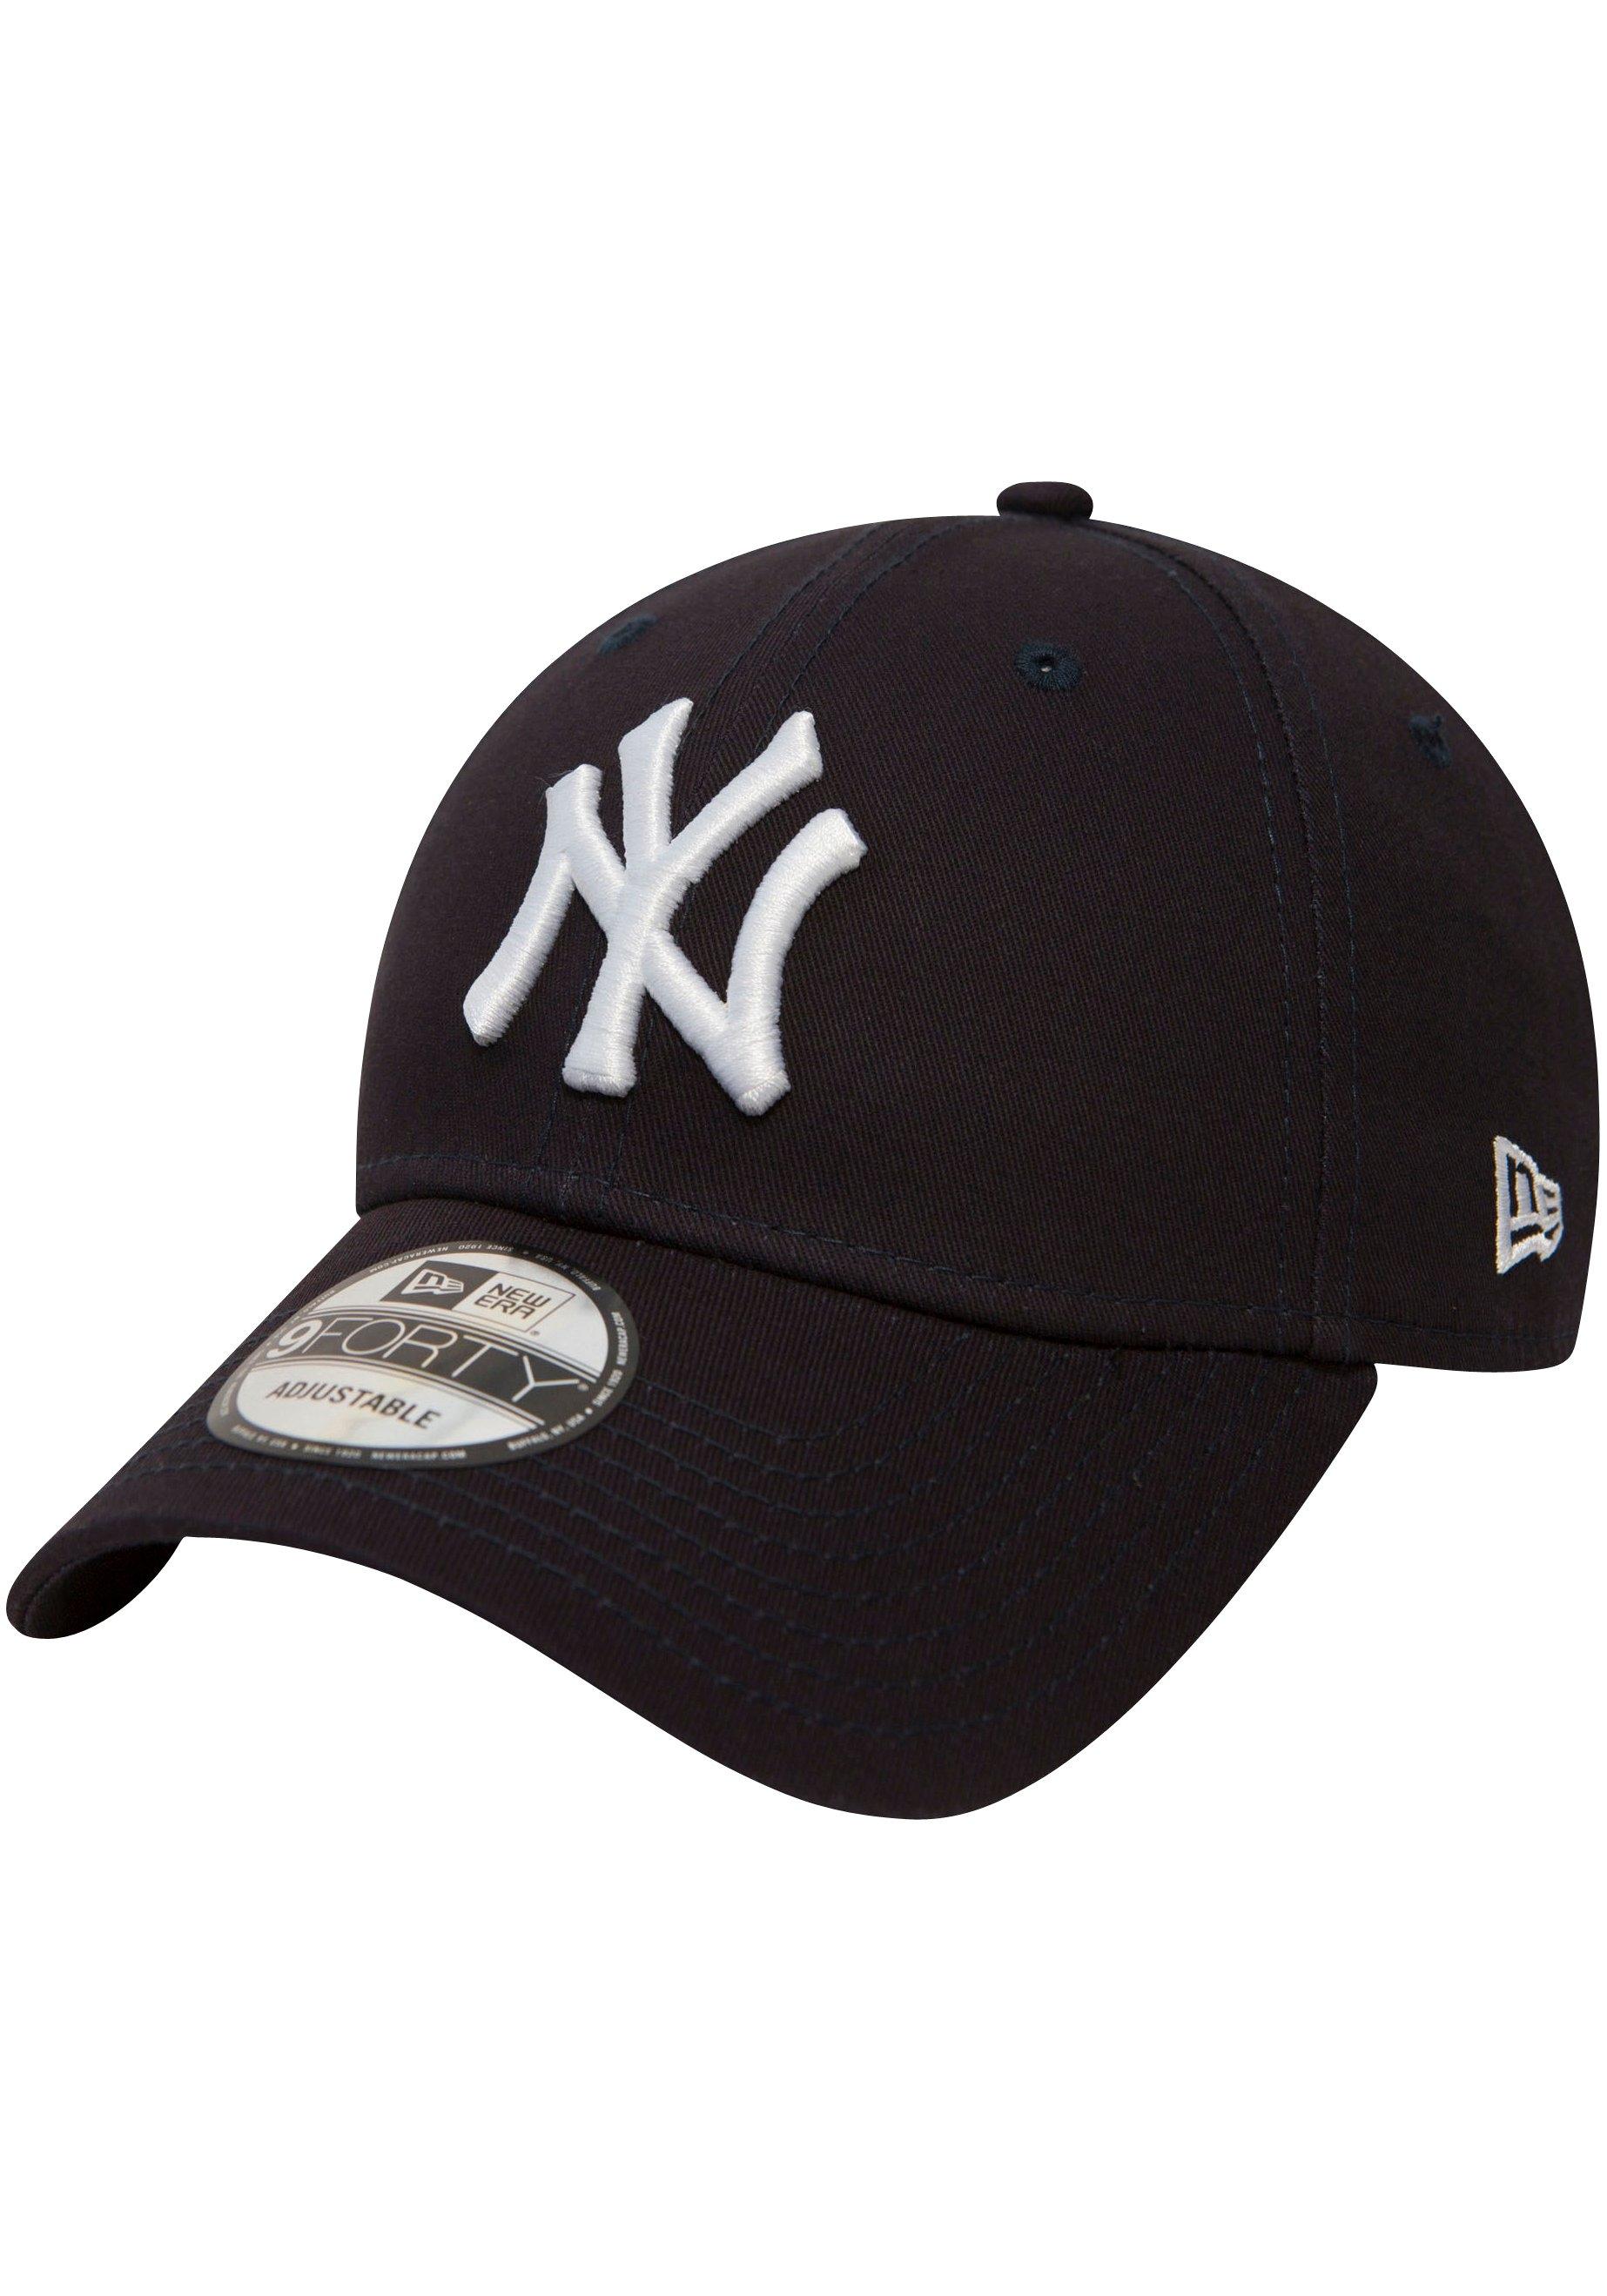 New Era baseballcap »LEAGUE ESSENTIAL 9FORTY LEAGUE« voordelig en veilig online kopen